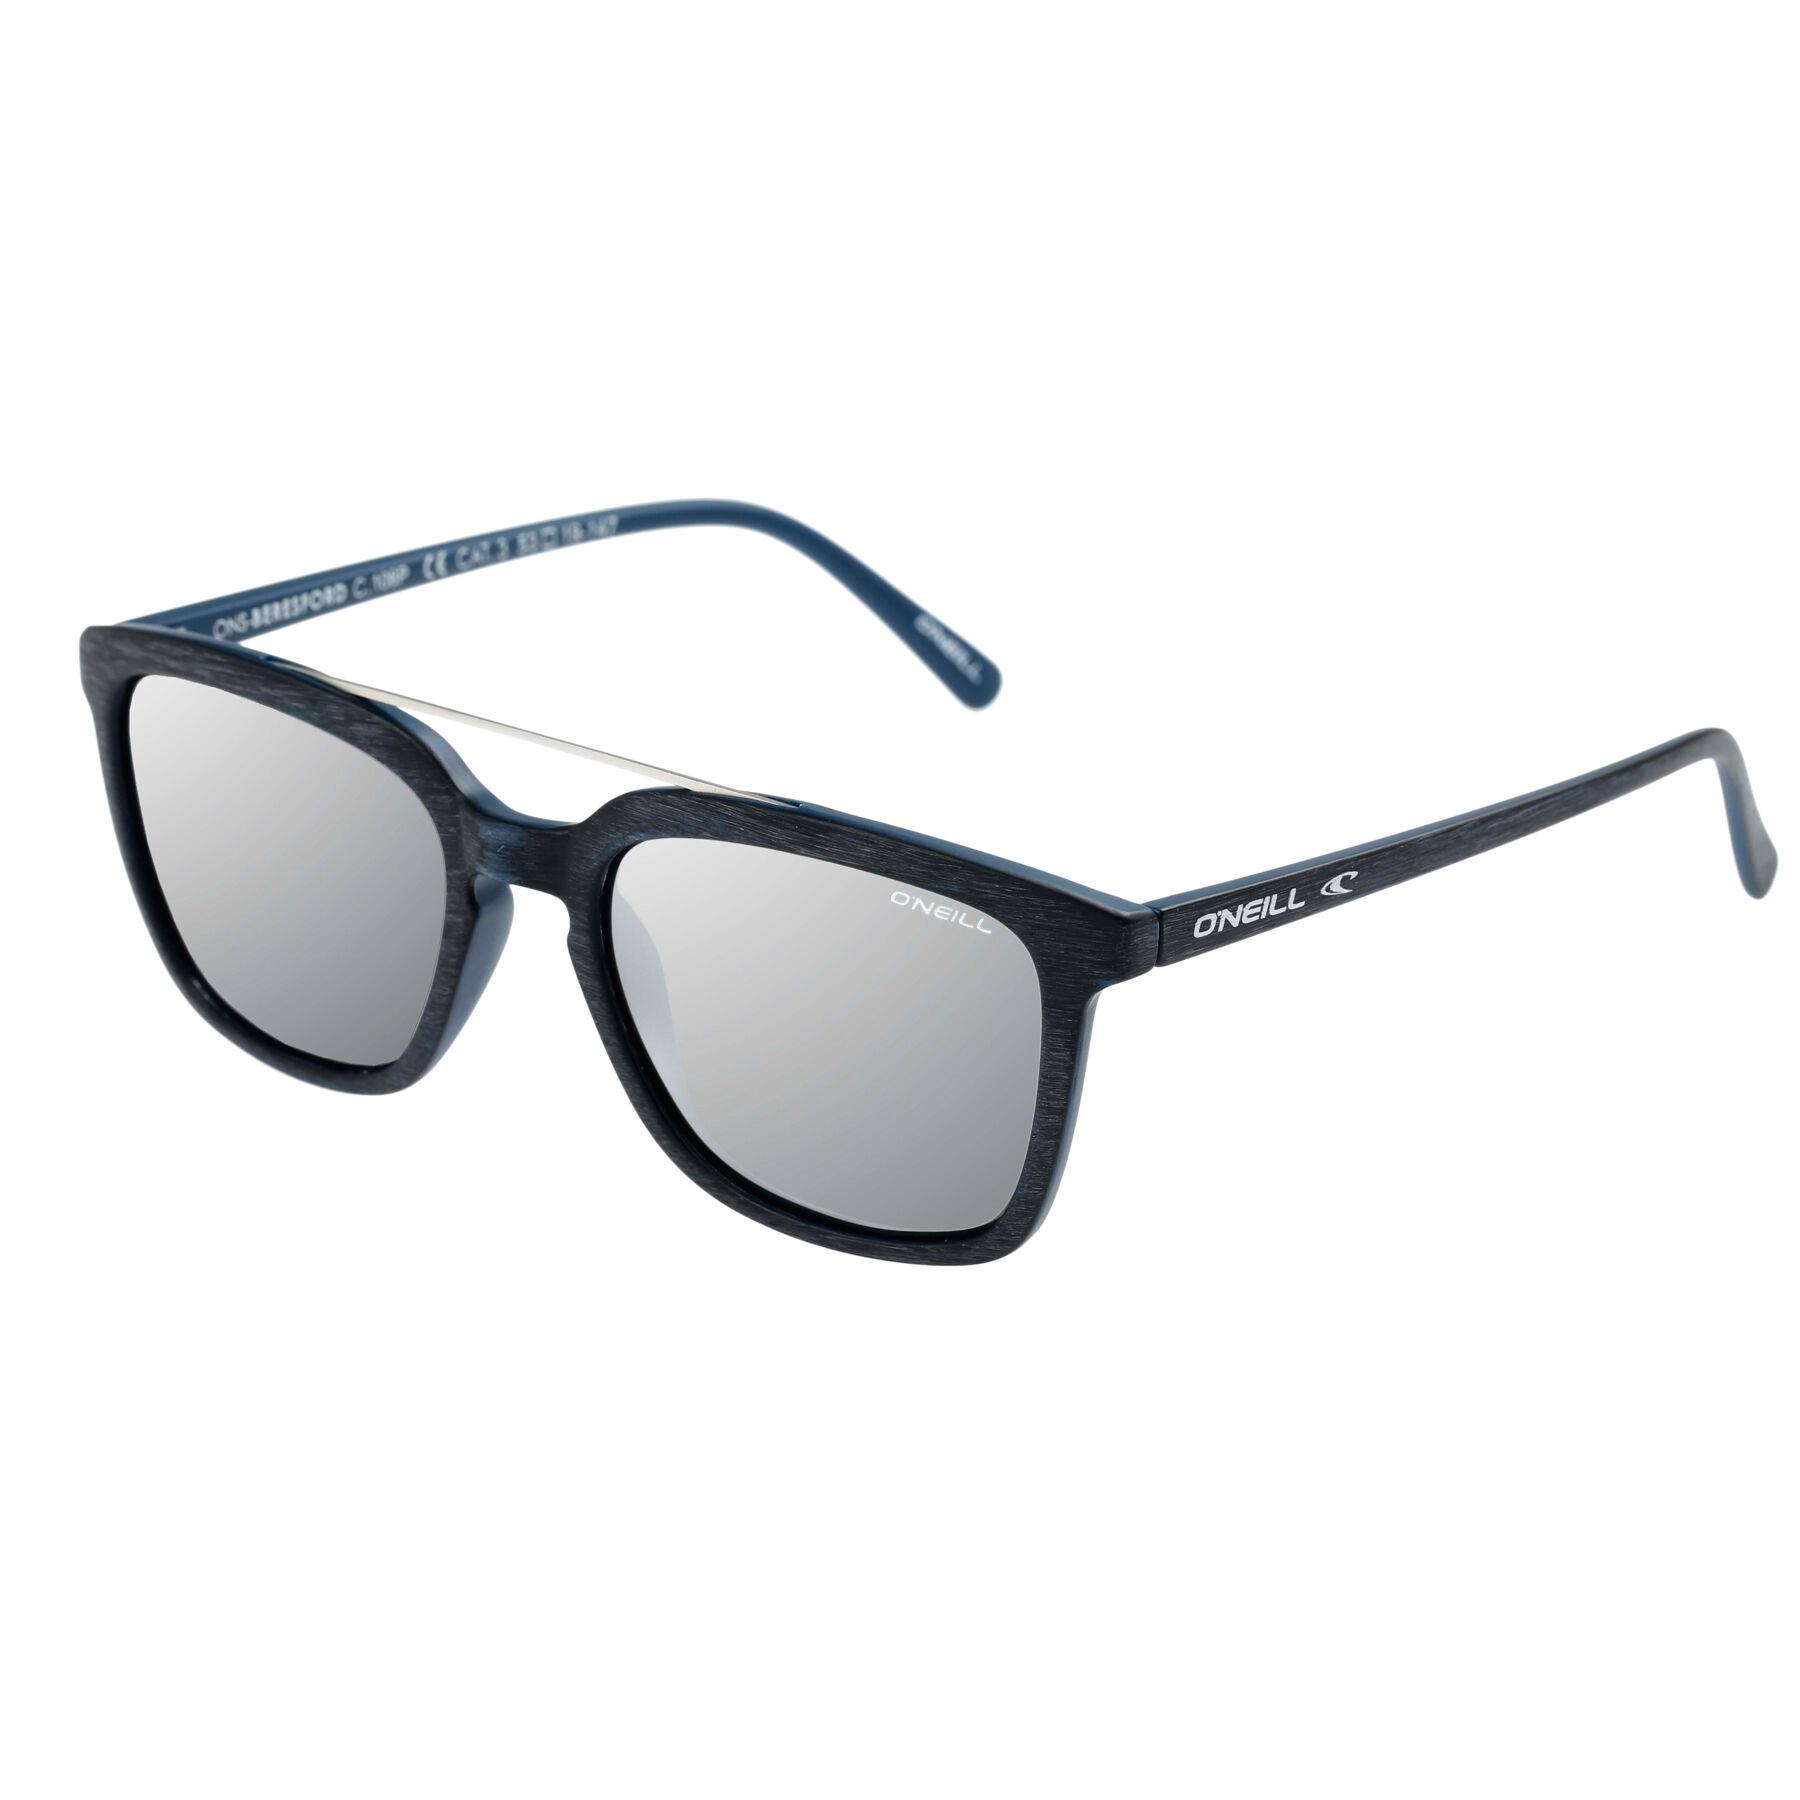 O'Neill Eyewear Driftin Matte Black black Lunettes de Soleil GXWjZ